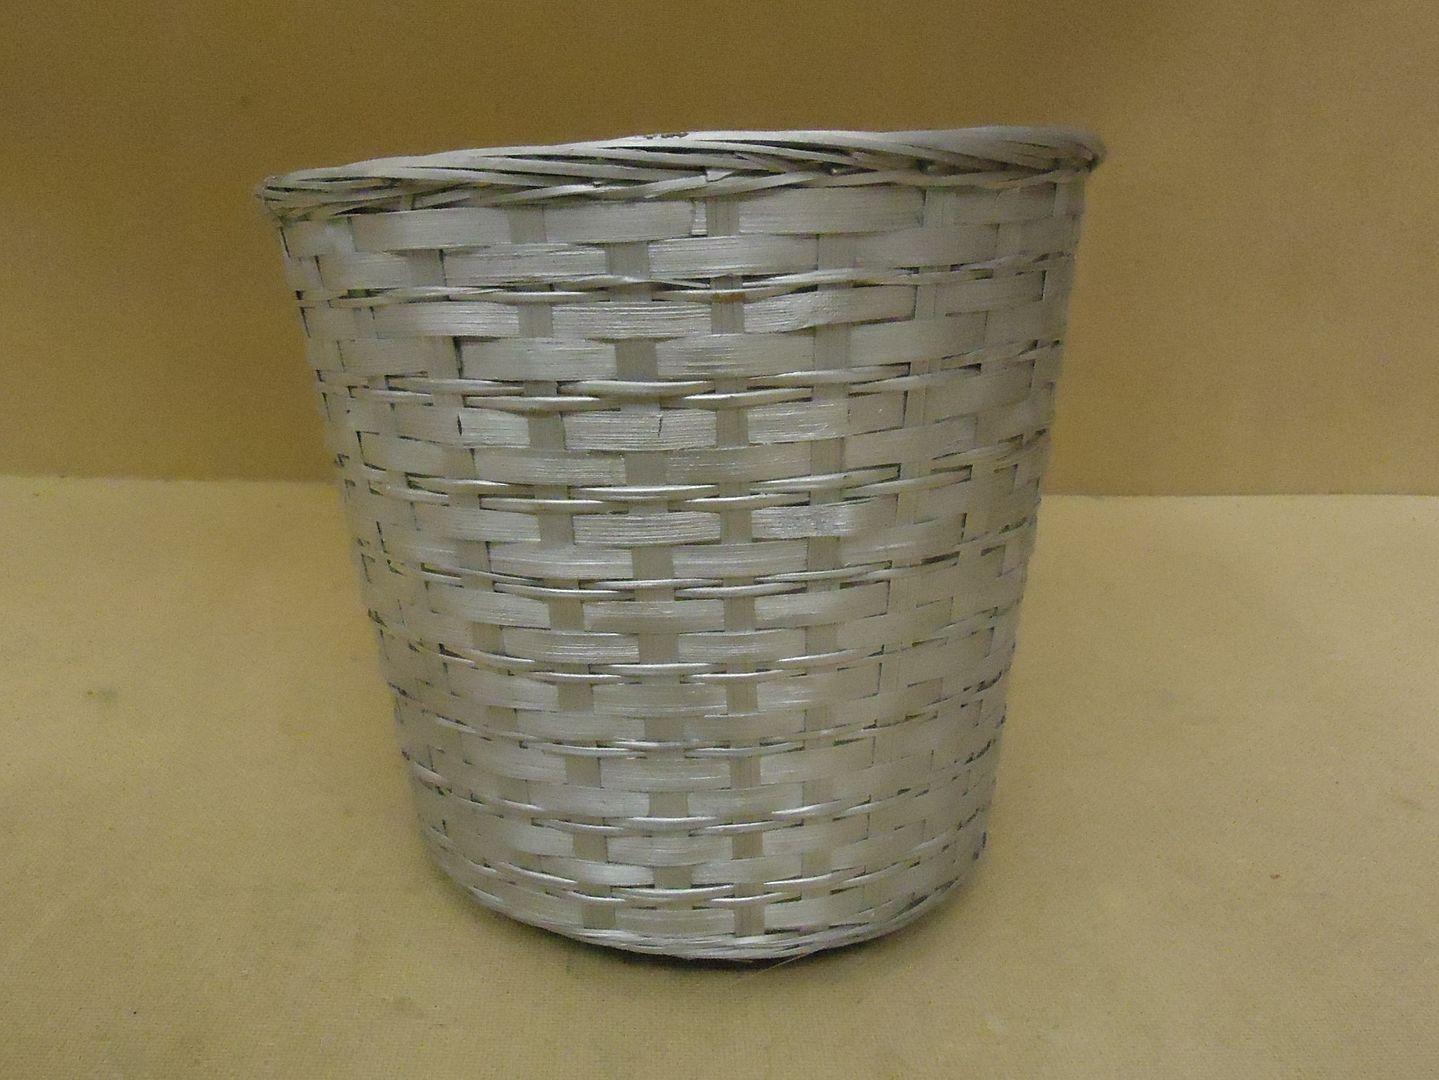 kk9779 010713-118b Handcrafted Basket 12in Diameter x 11in H Silver Wicker